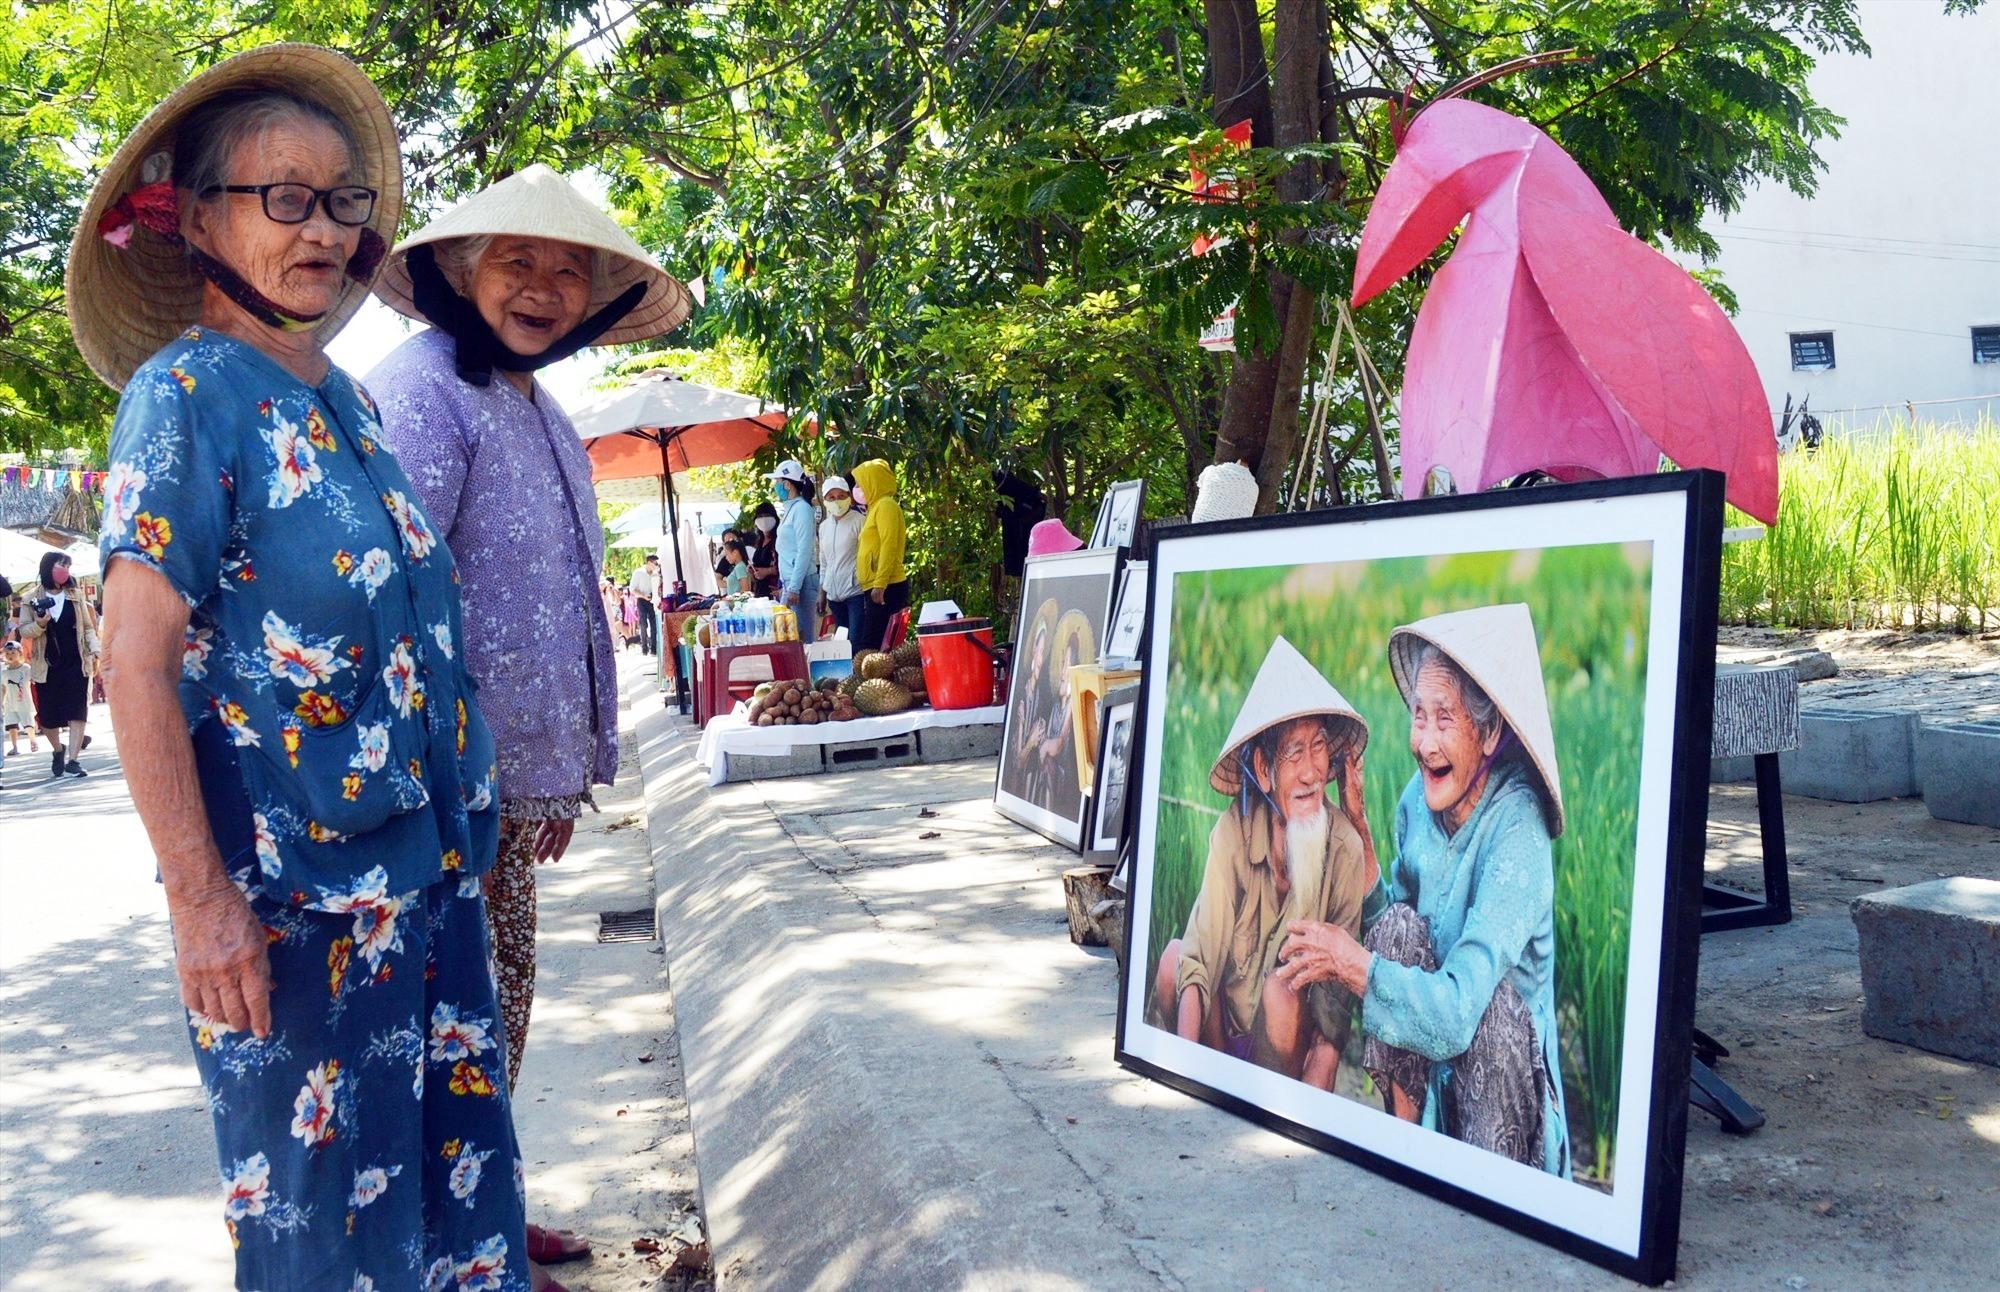 Phiên chợ thu hút sự quan tâm không chỉ của du khách mà cả người dân địa phương